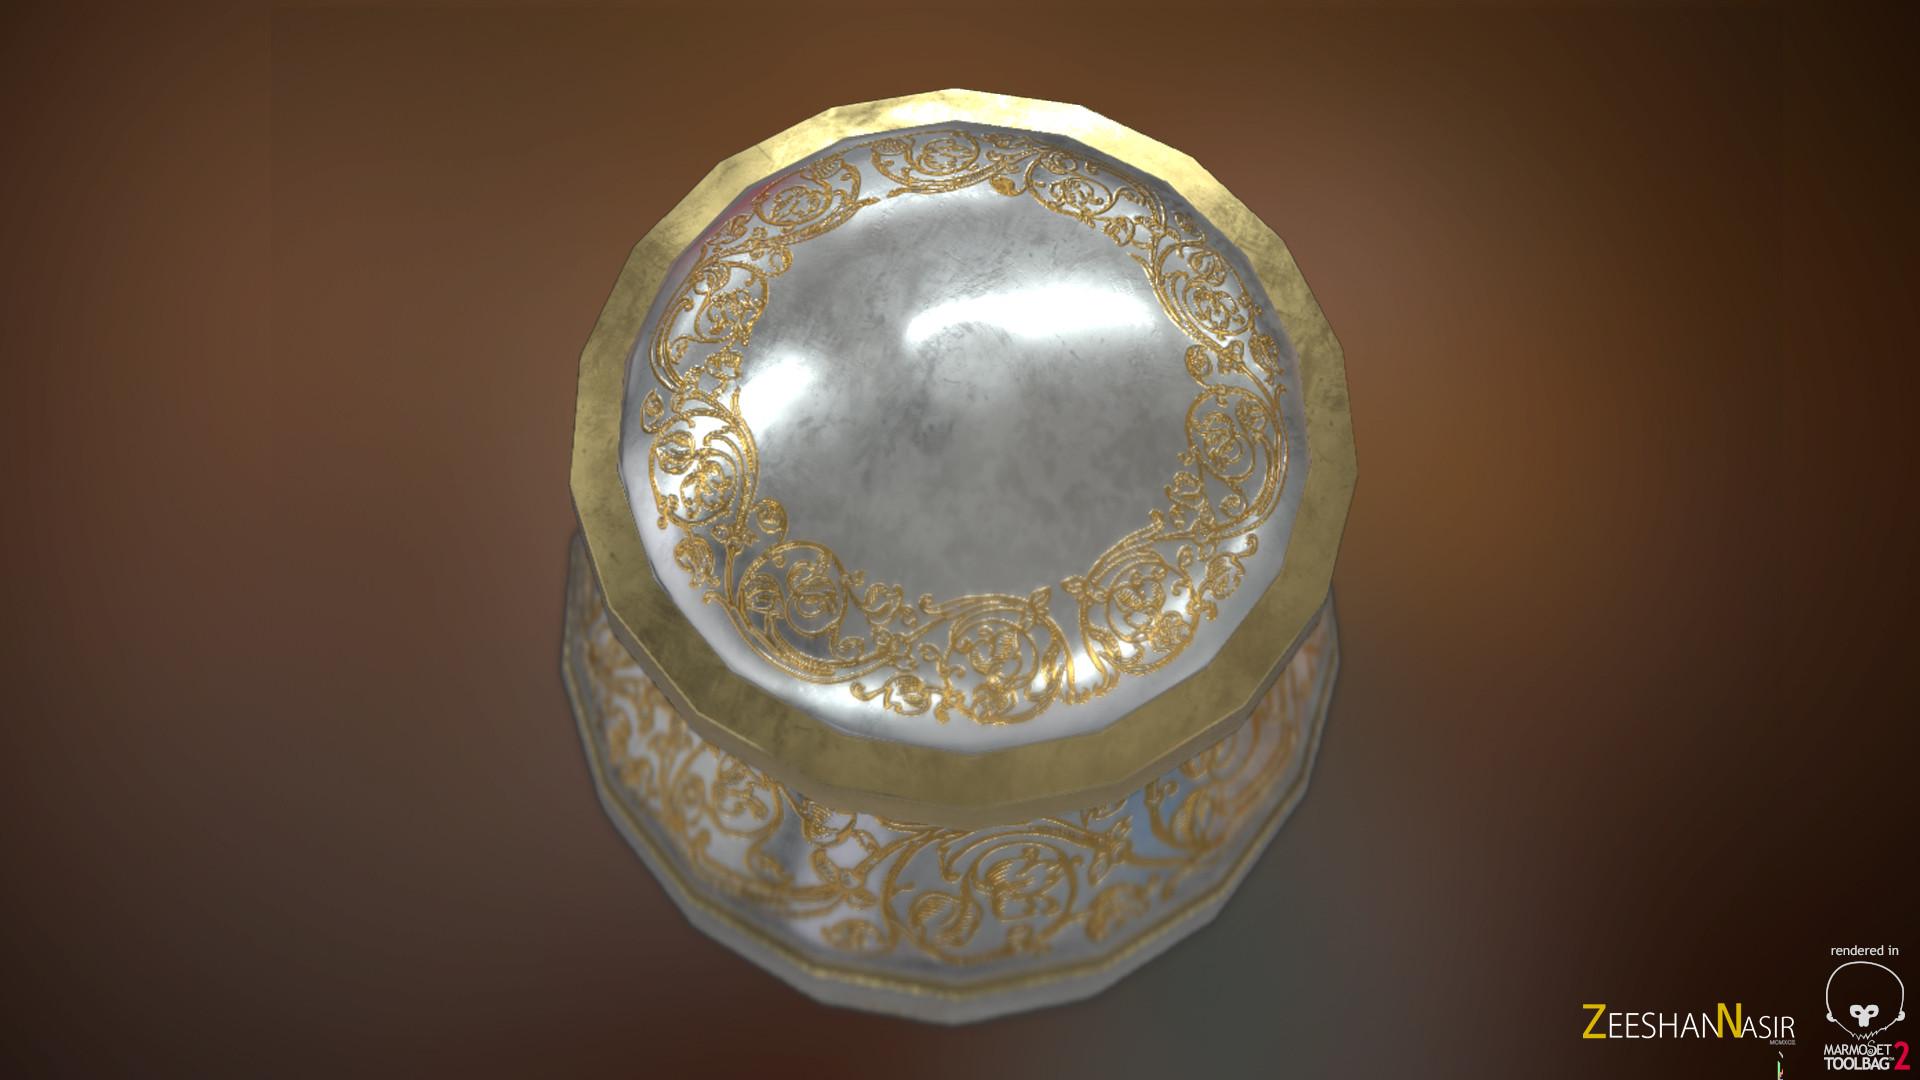 Zeeshan nasir urn 014